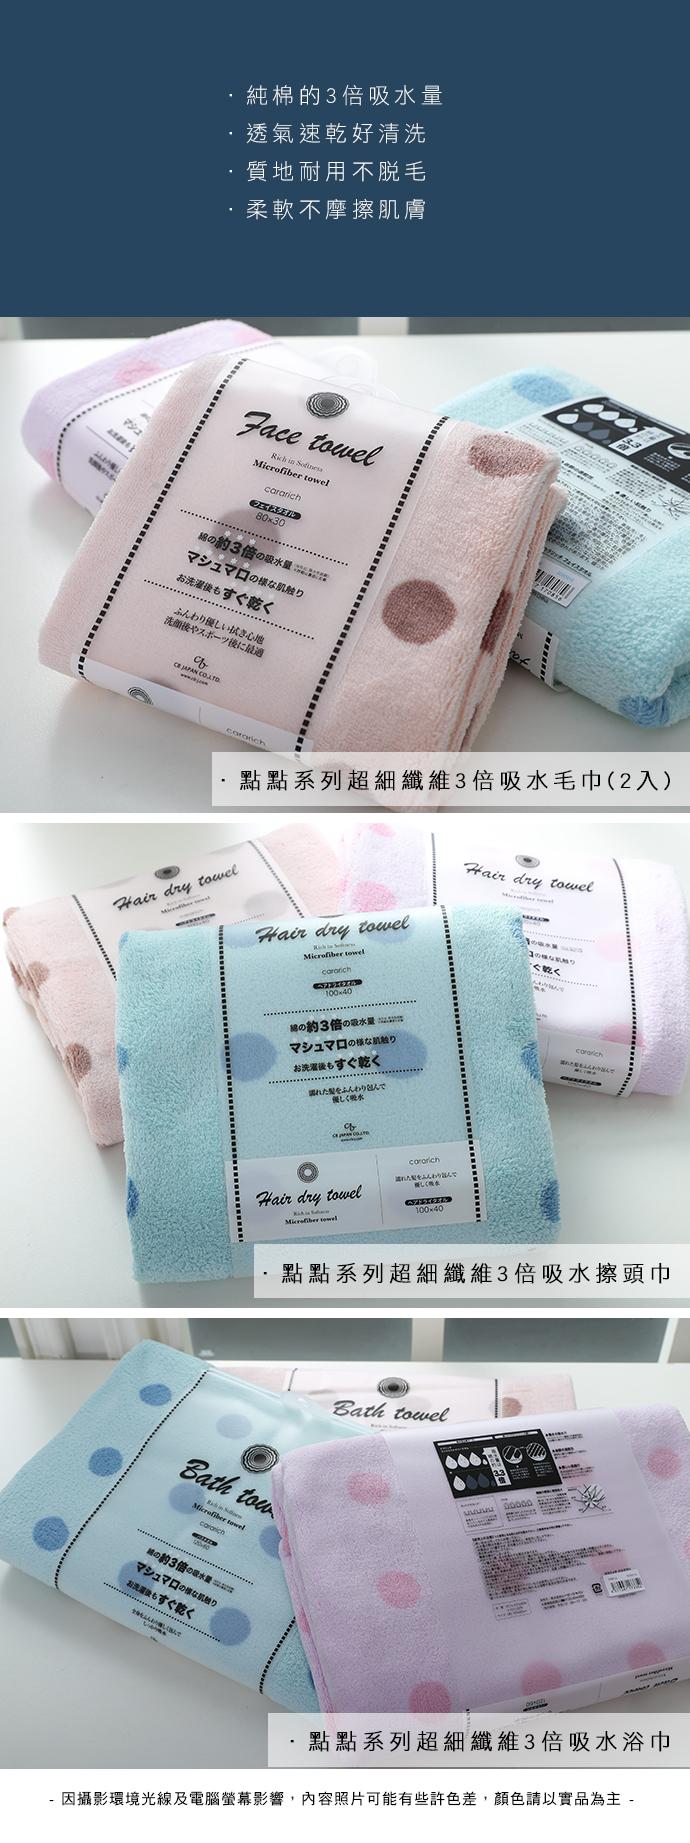 CB Japan|點點系列超細纖維3倍吸水擦頭巾 - 點點紫